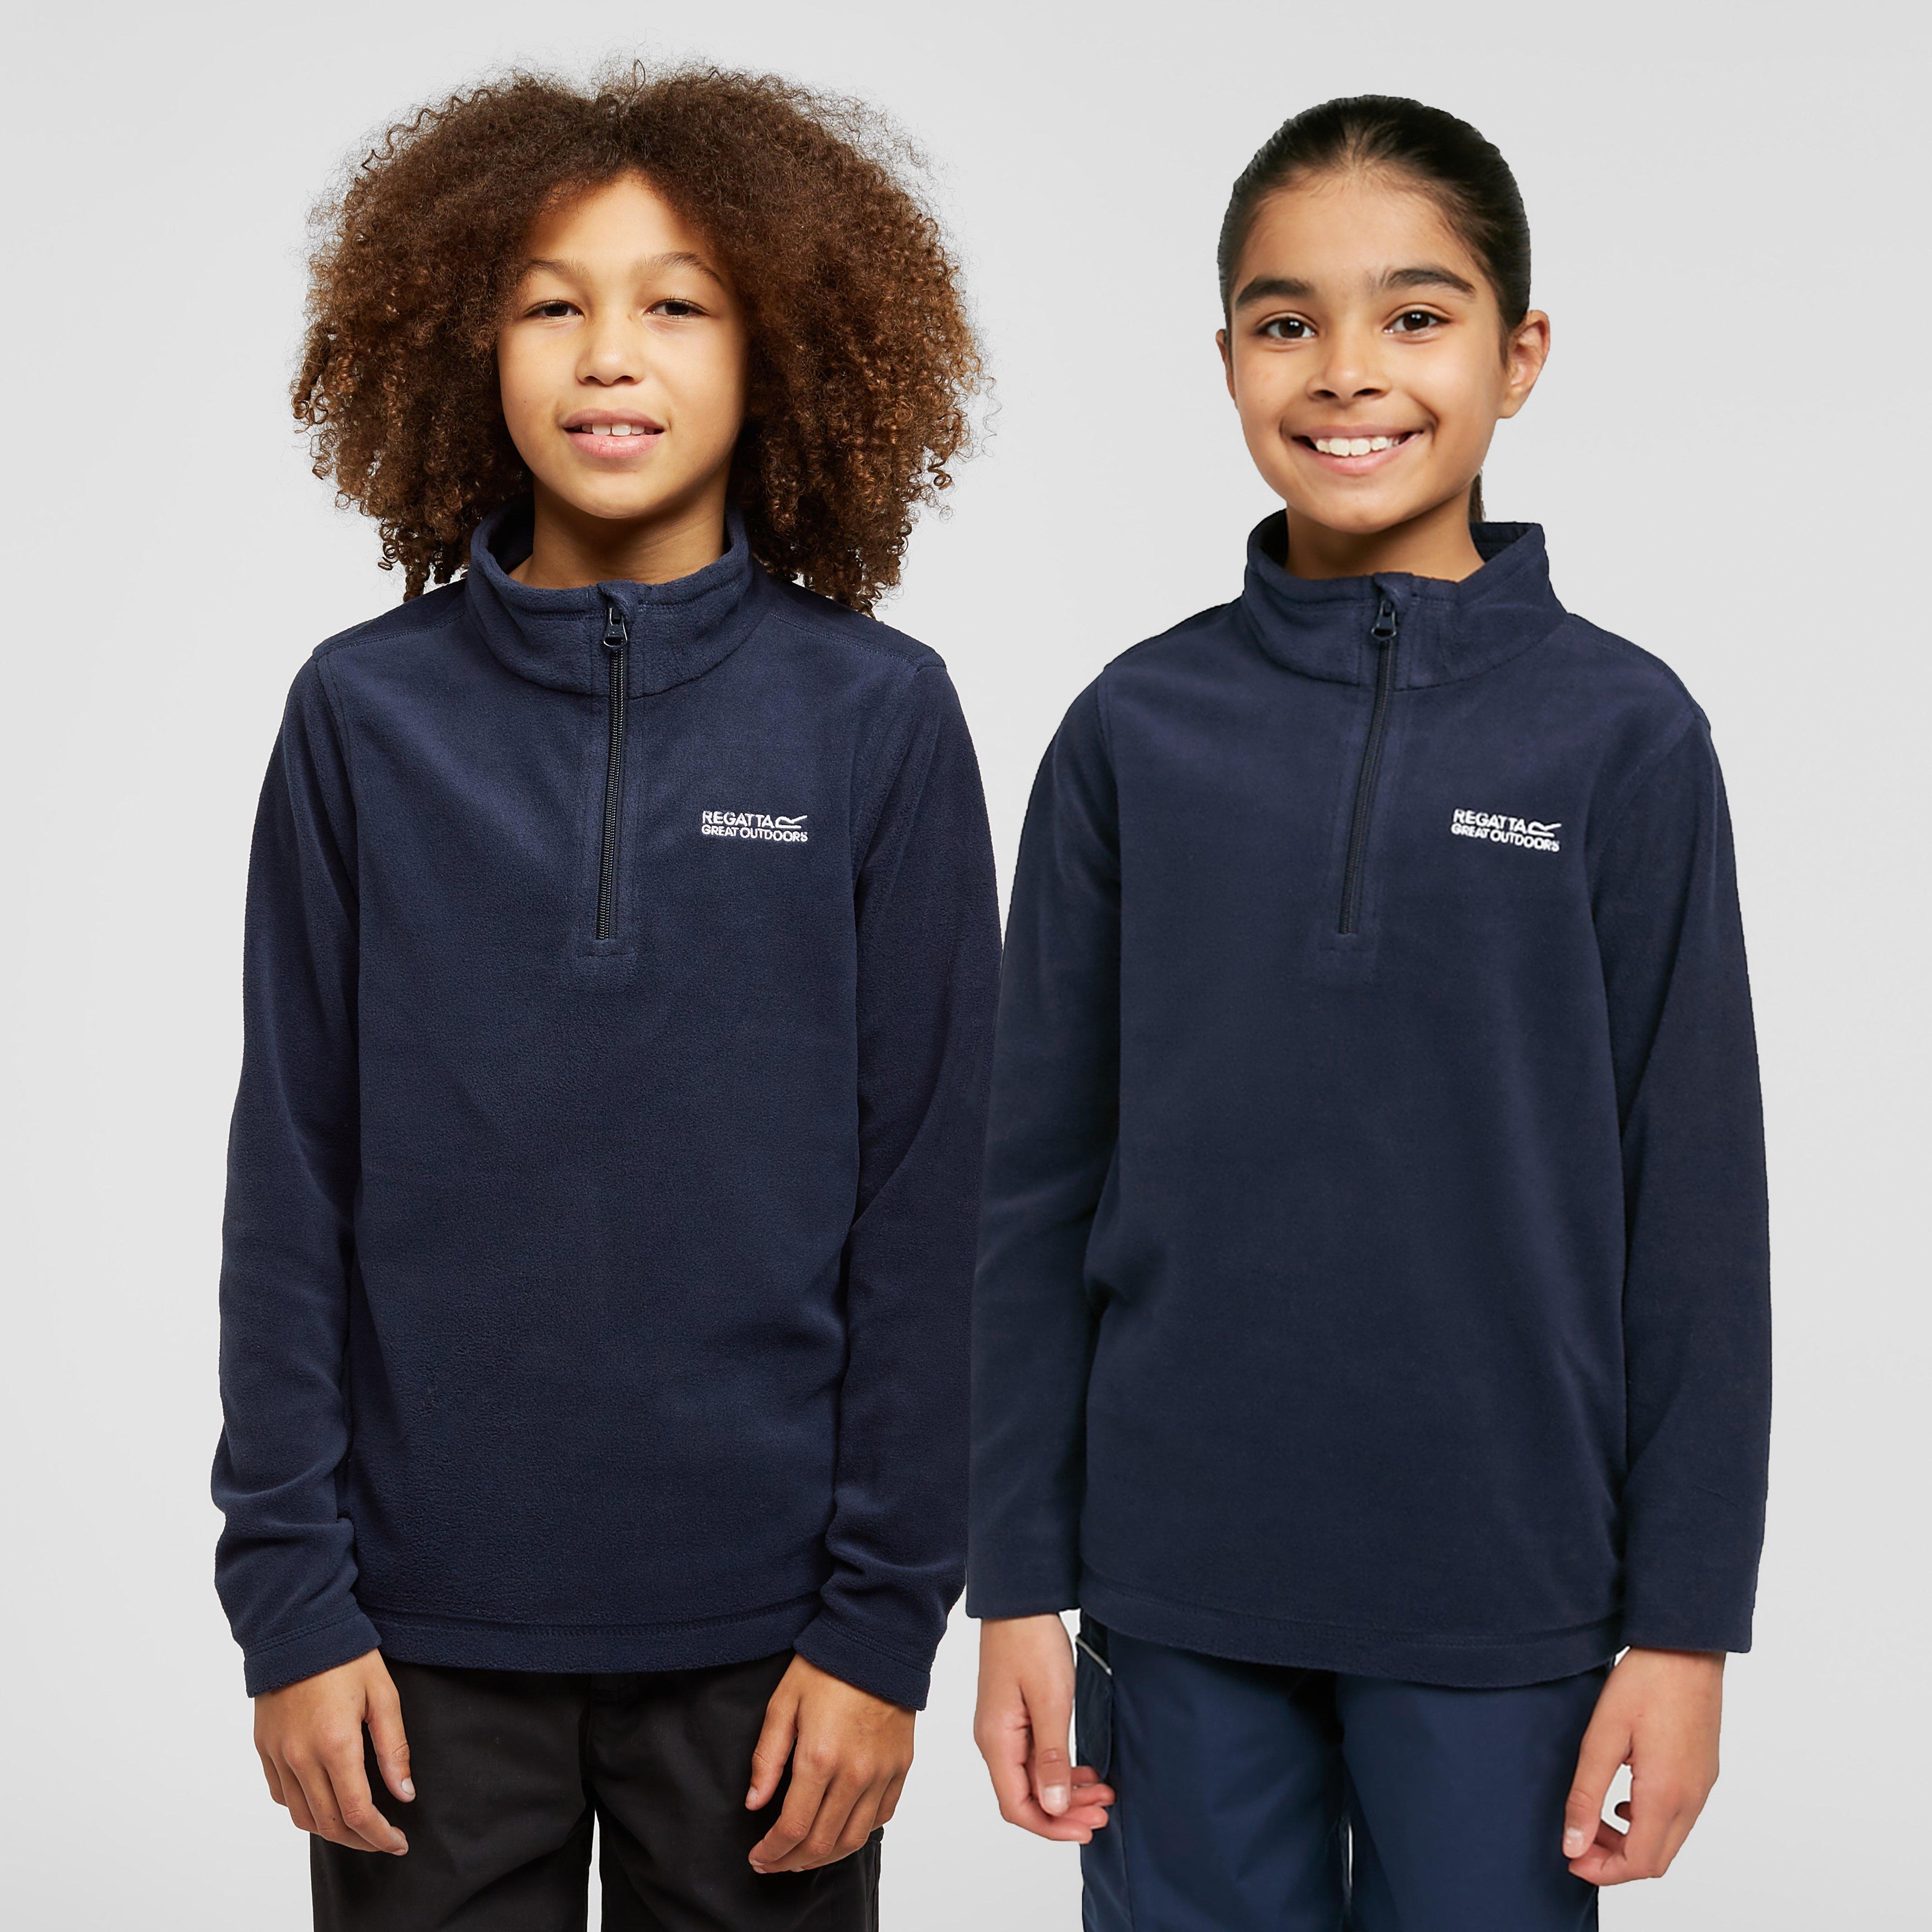 Regatta Kids Hot Shot Ii Half-zip Fleece - Navy/navy  Navy/navy